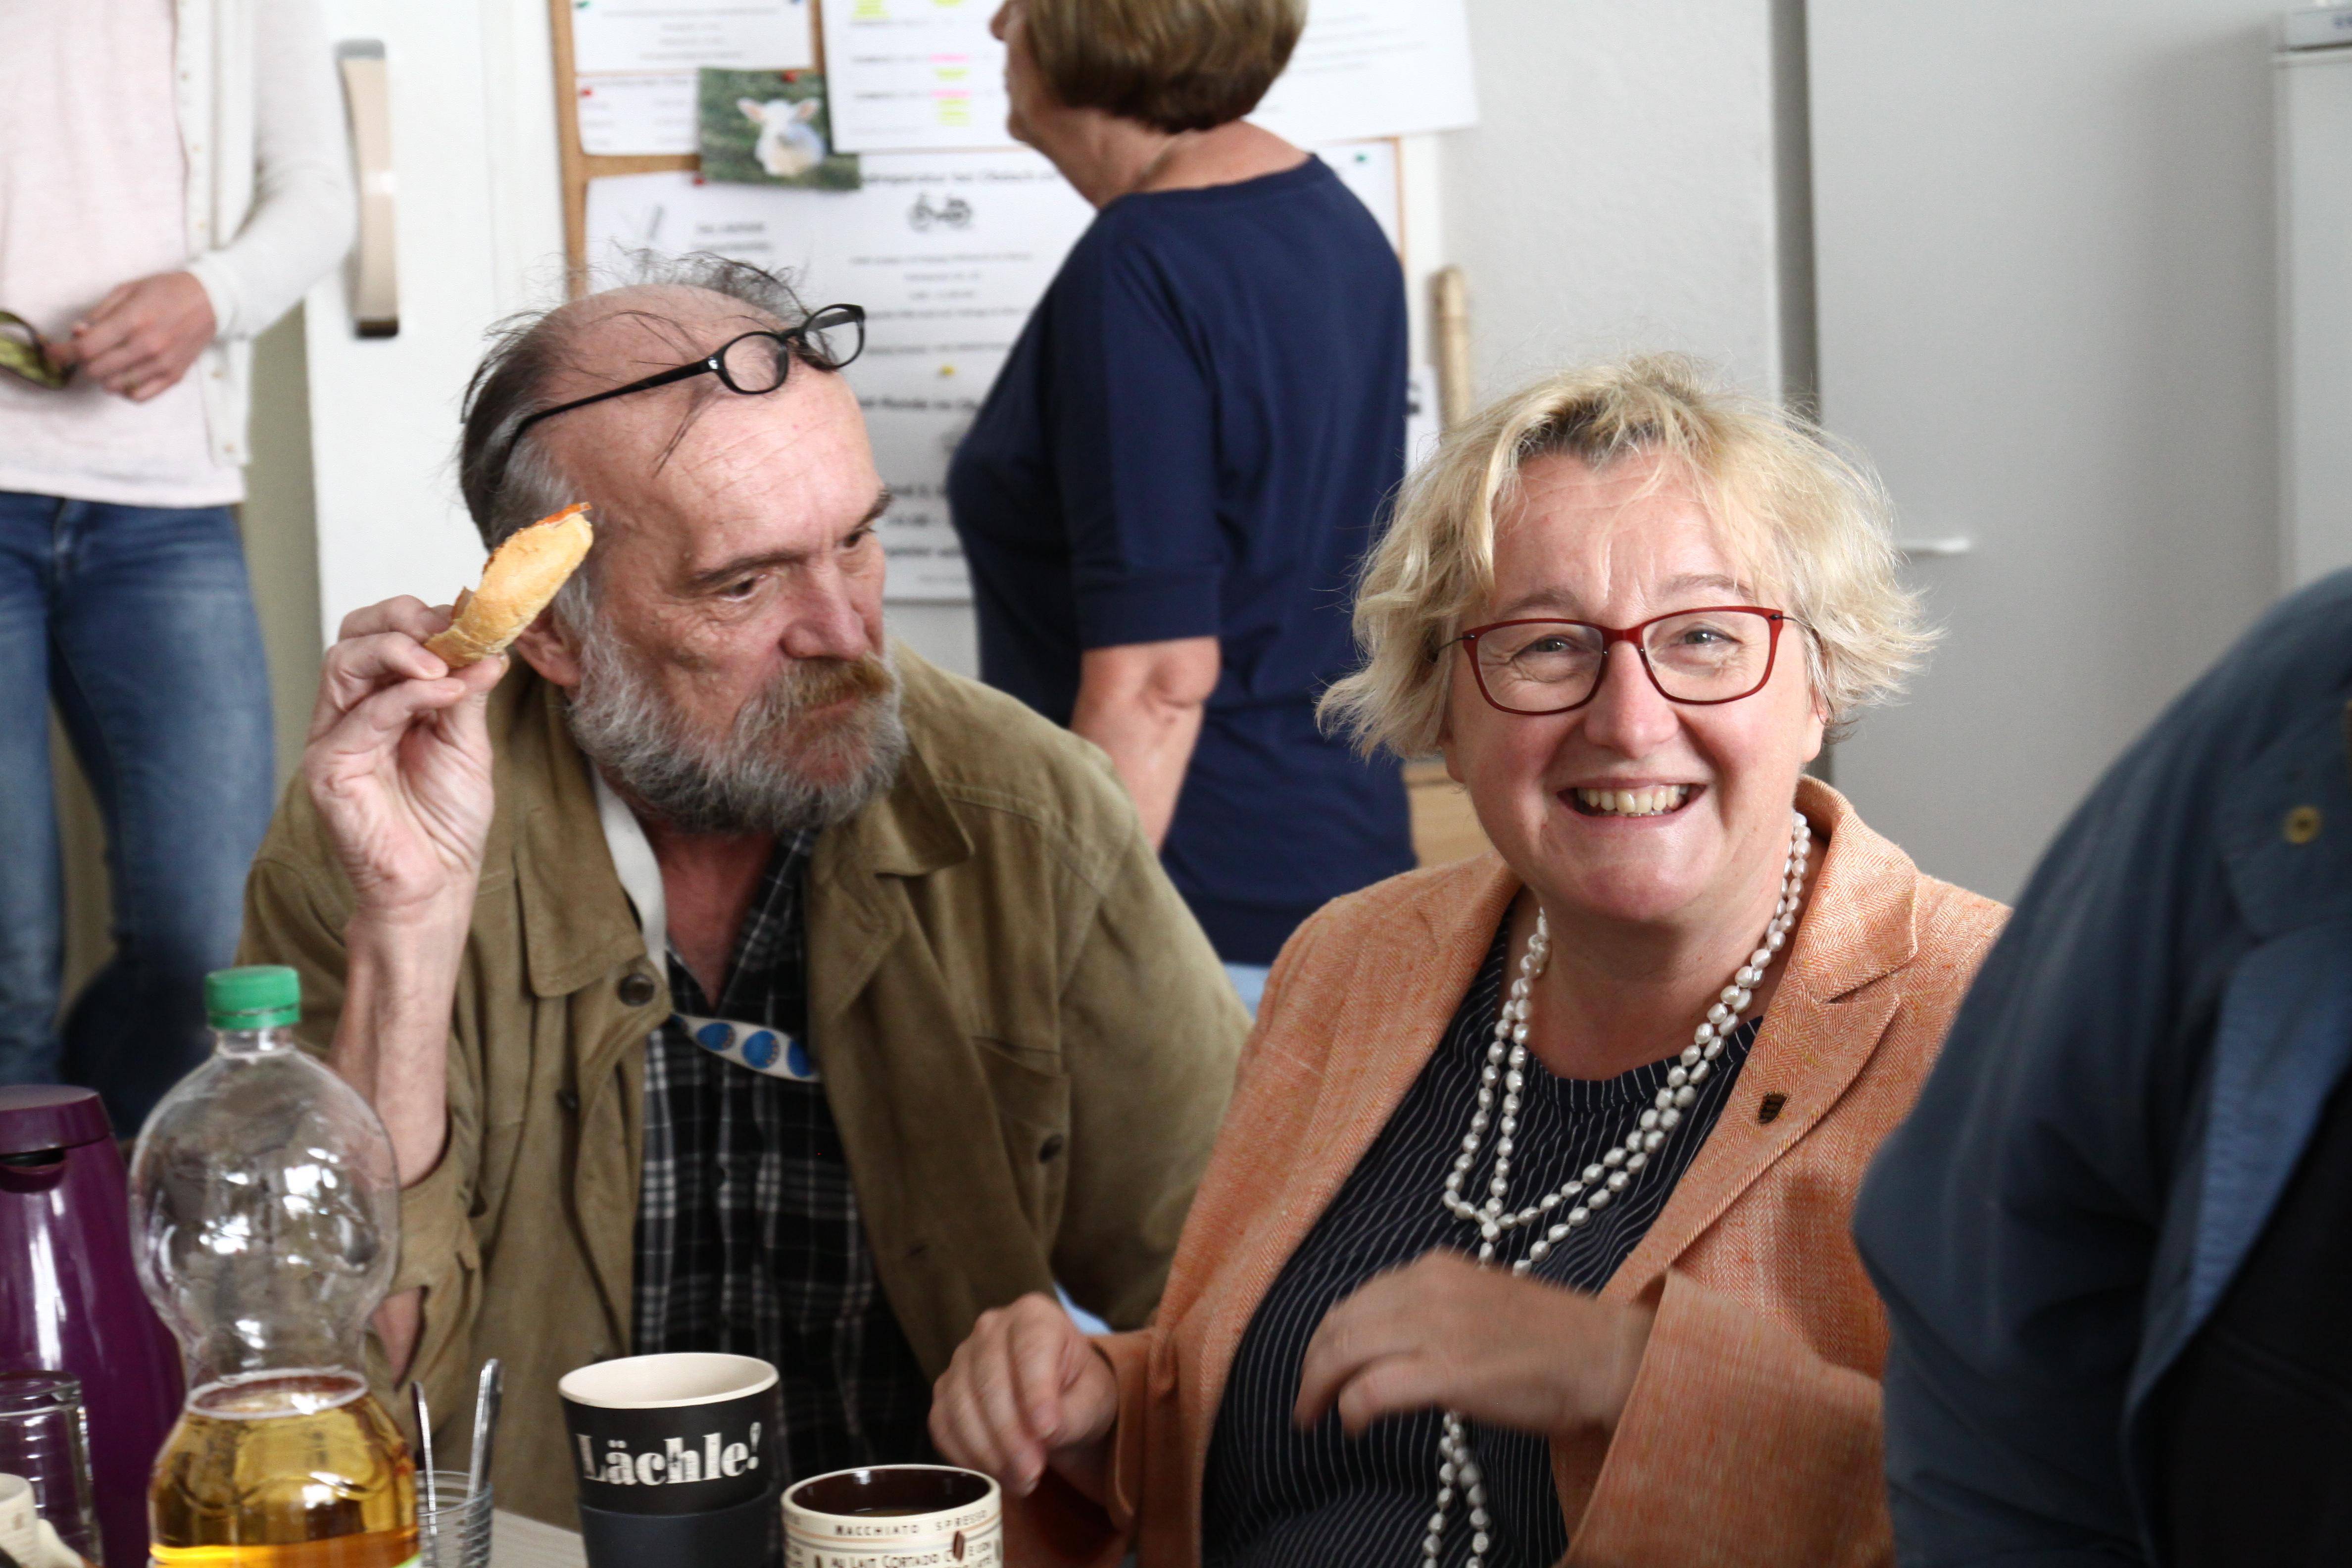 Theresia Bauer zu Besuch im Frühstücks-Treff